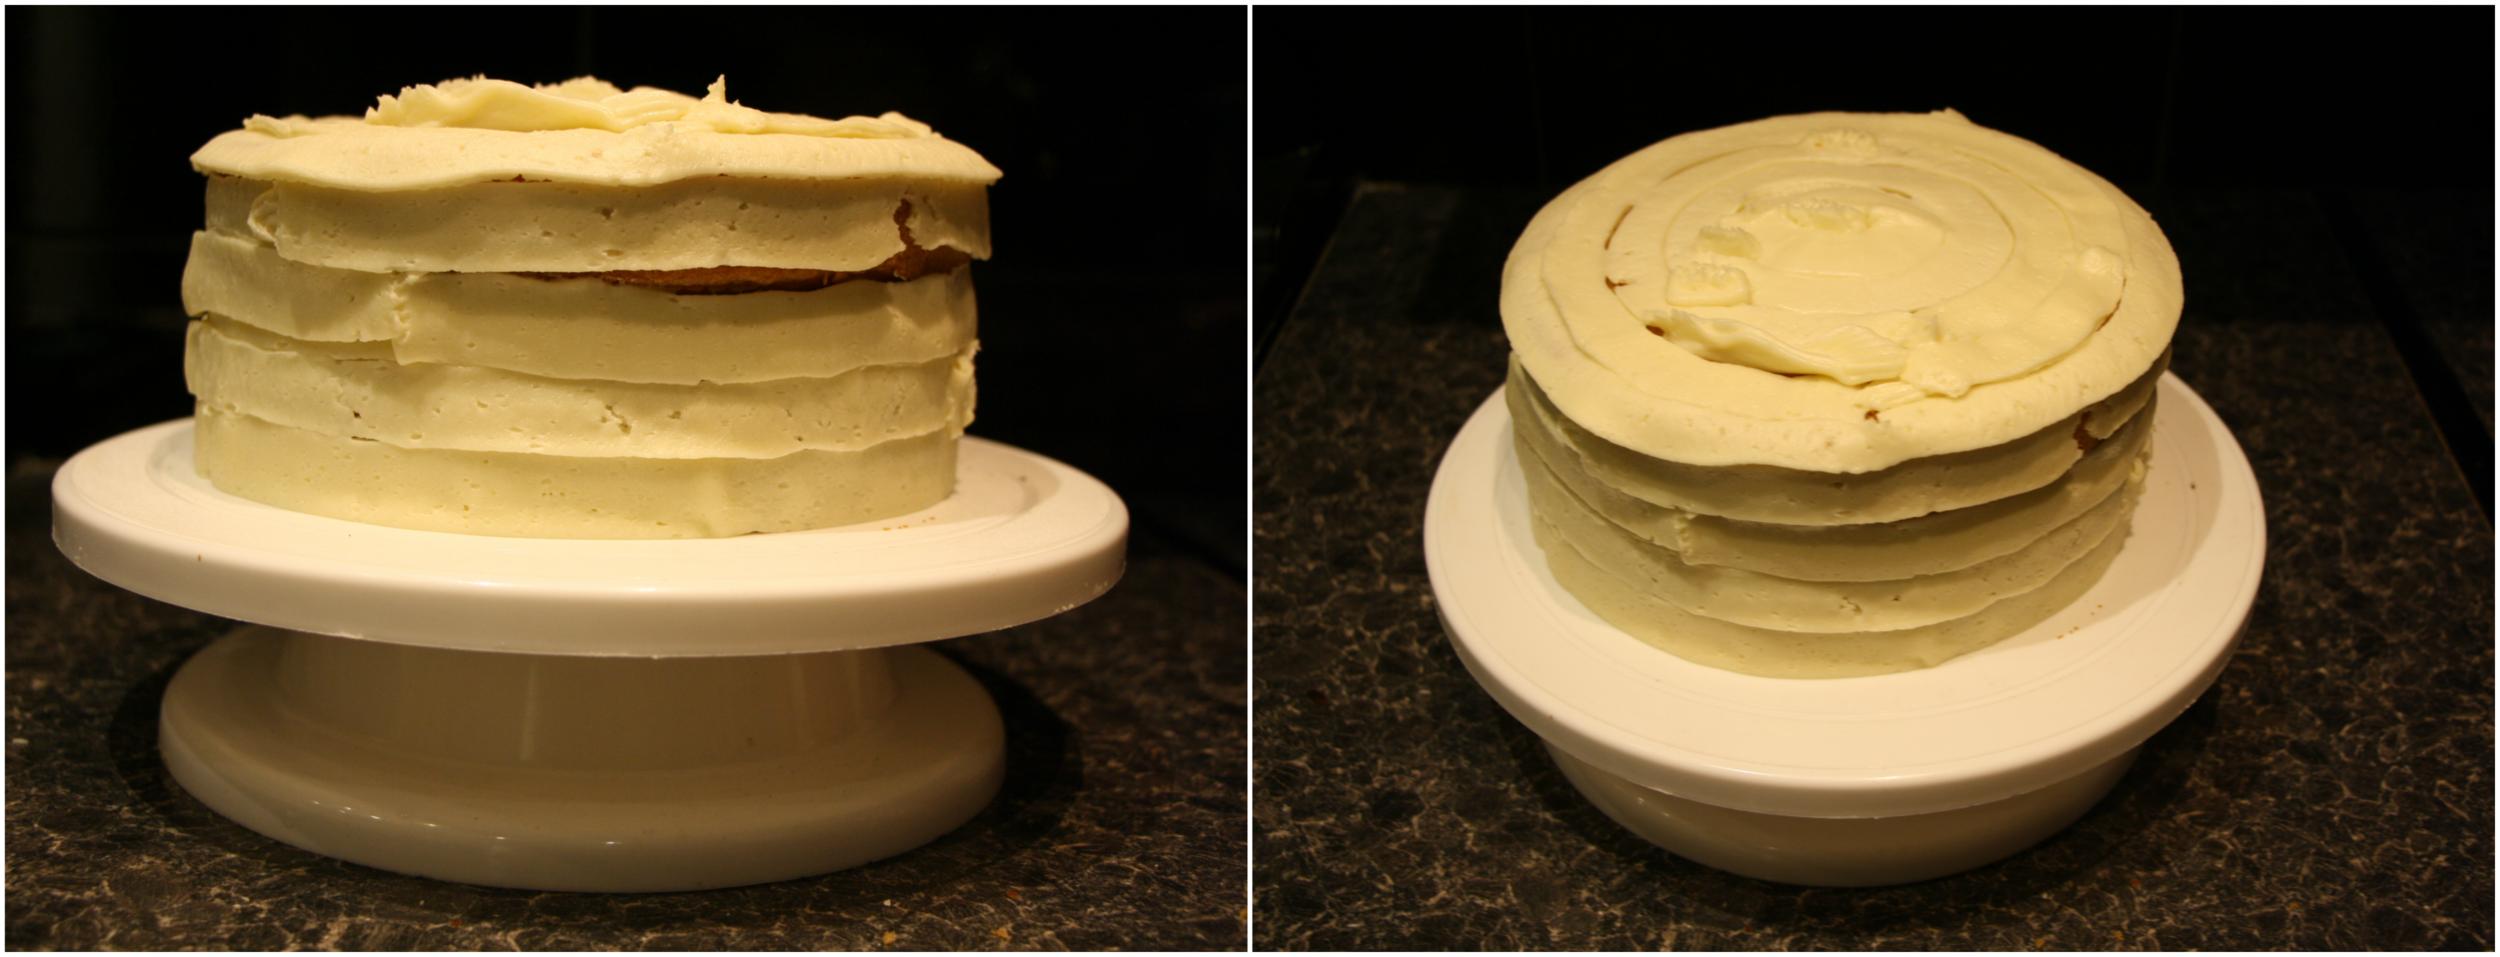 Coating cake process